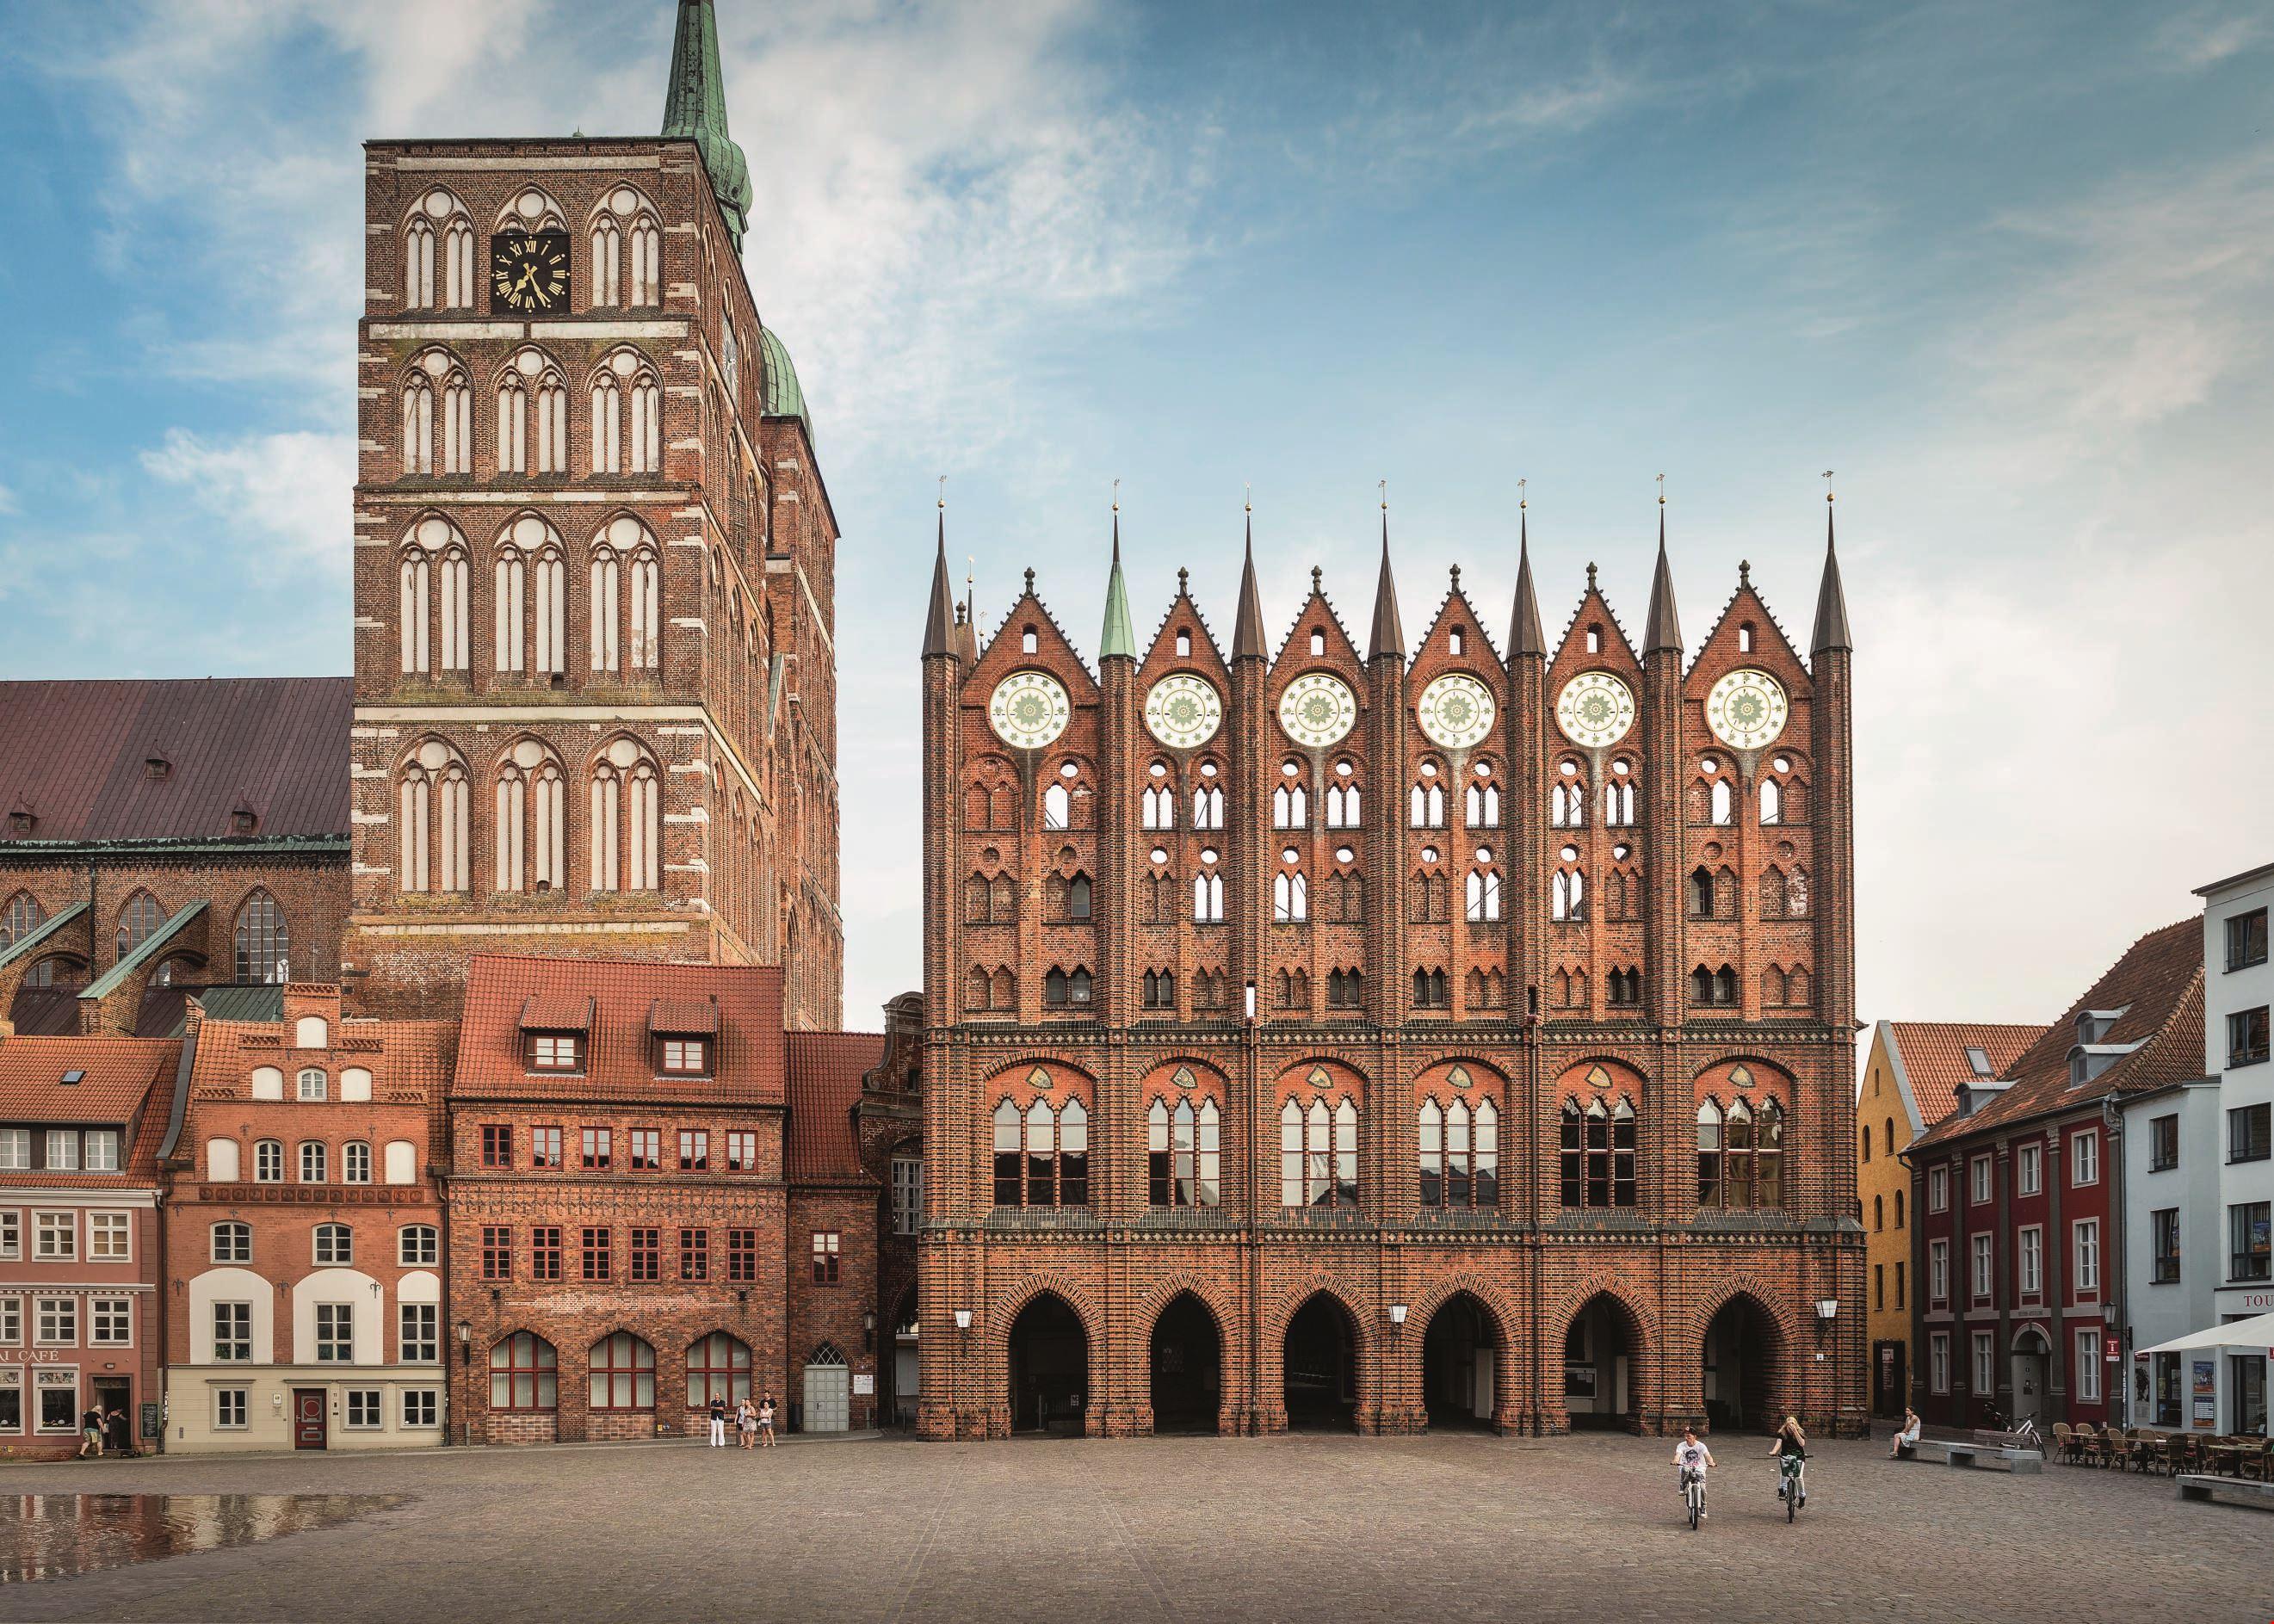 Stralsund © Günther Bayerl - LOOK Bildagentur der Fotografen